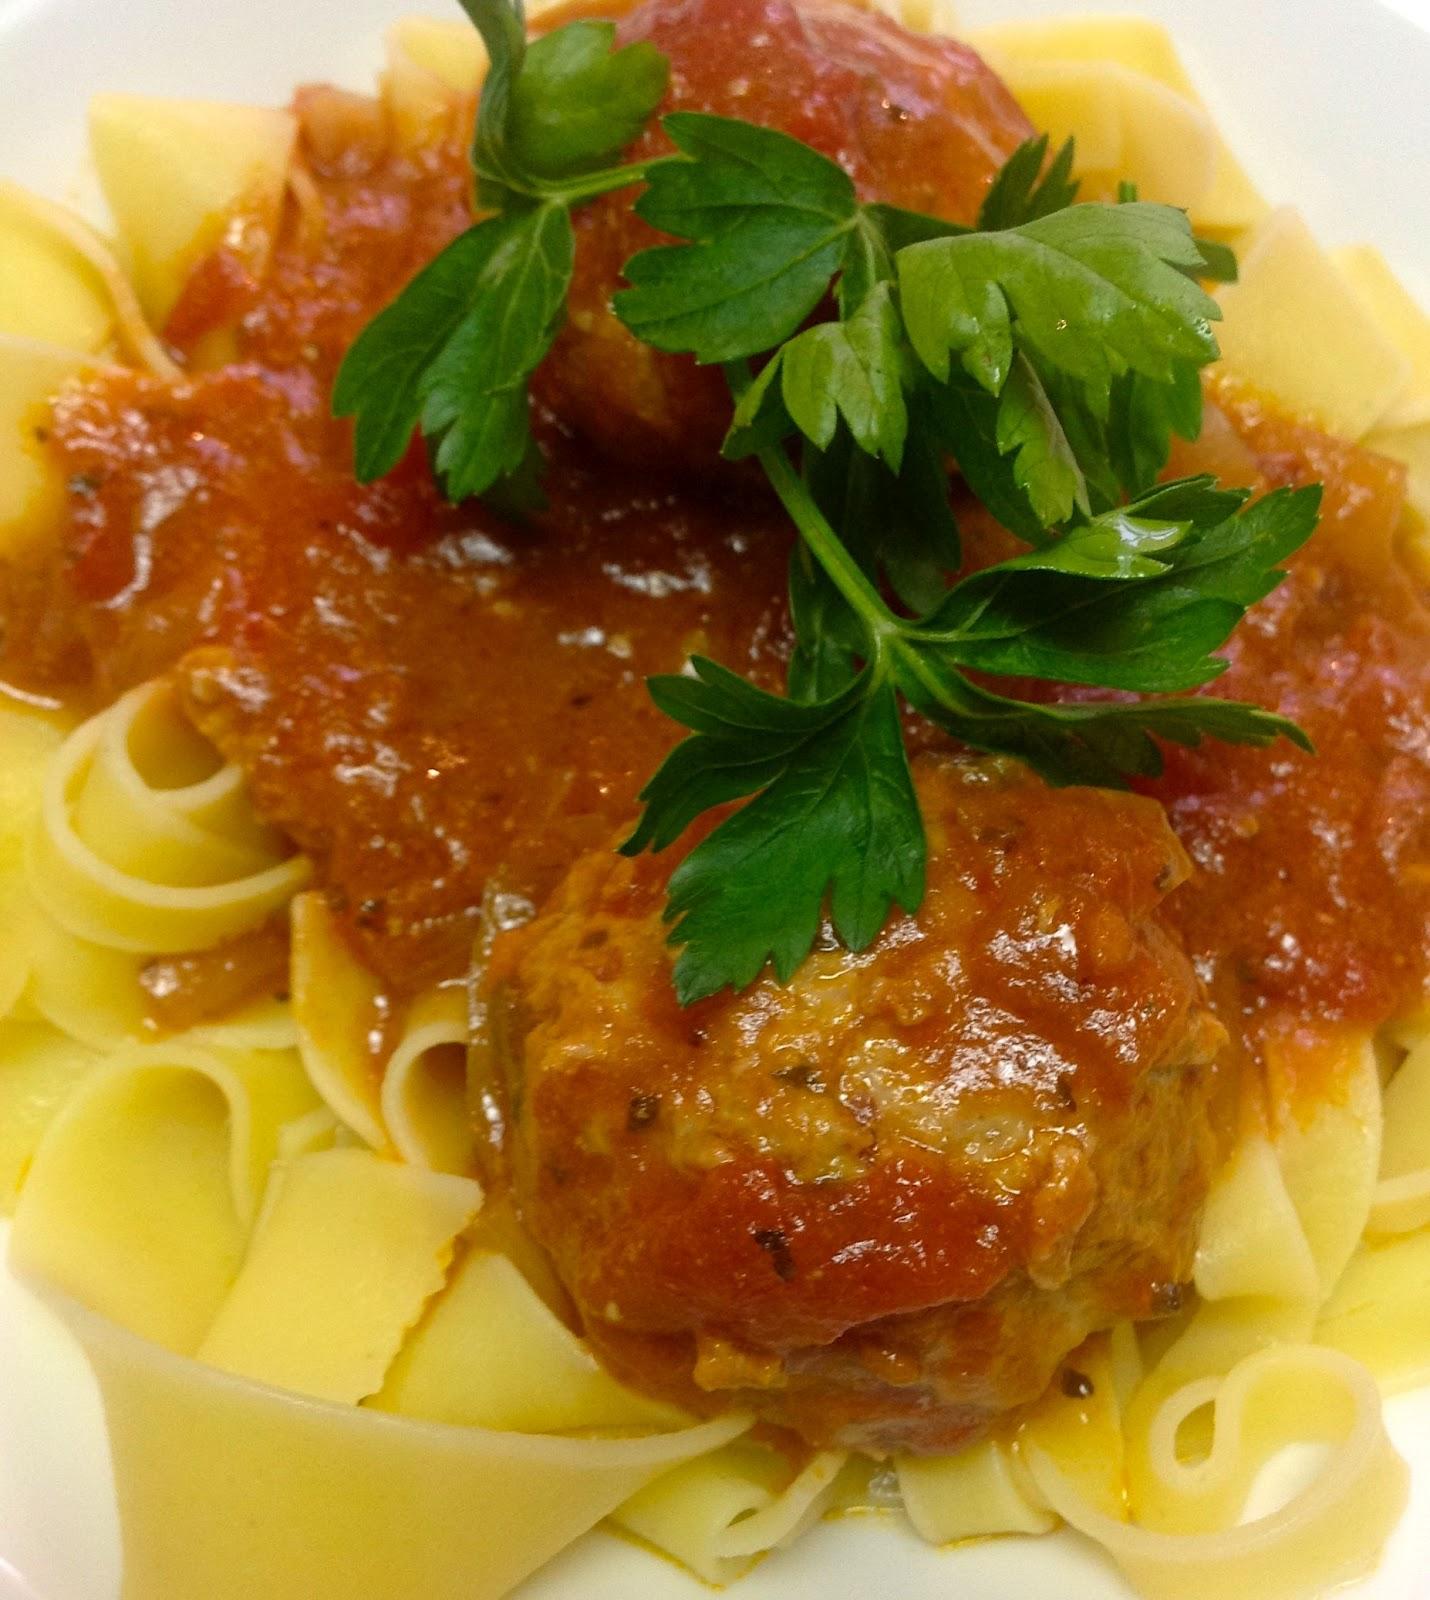 Boulettes de viande l 39 italienne blogs de cuisine - Blog de cuisine italienne ...